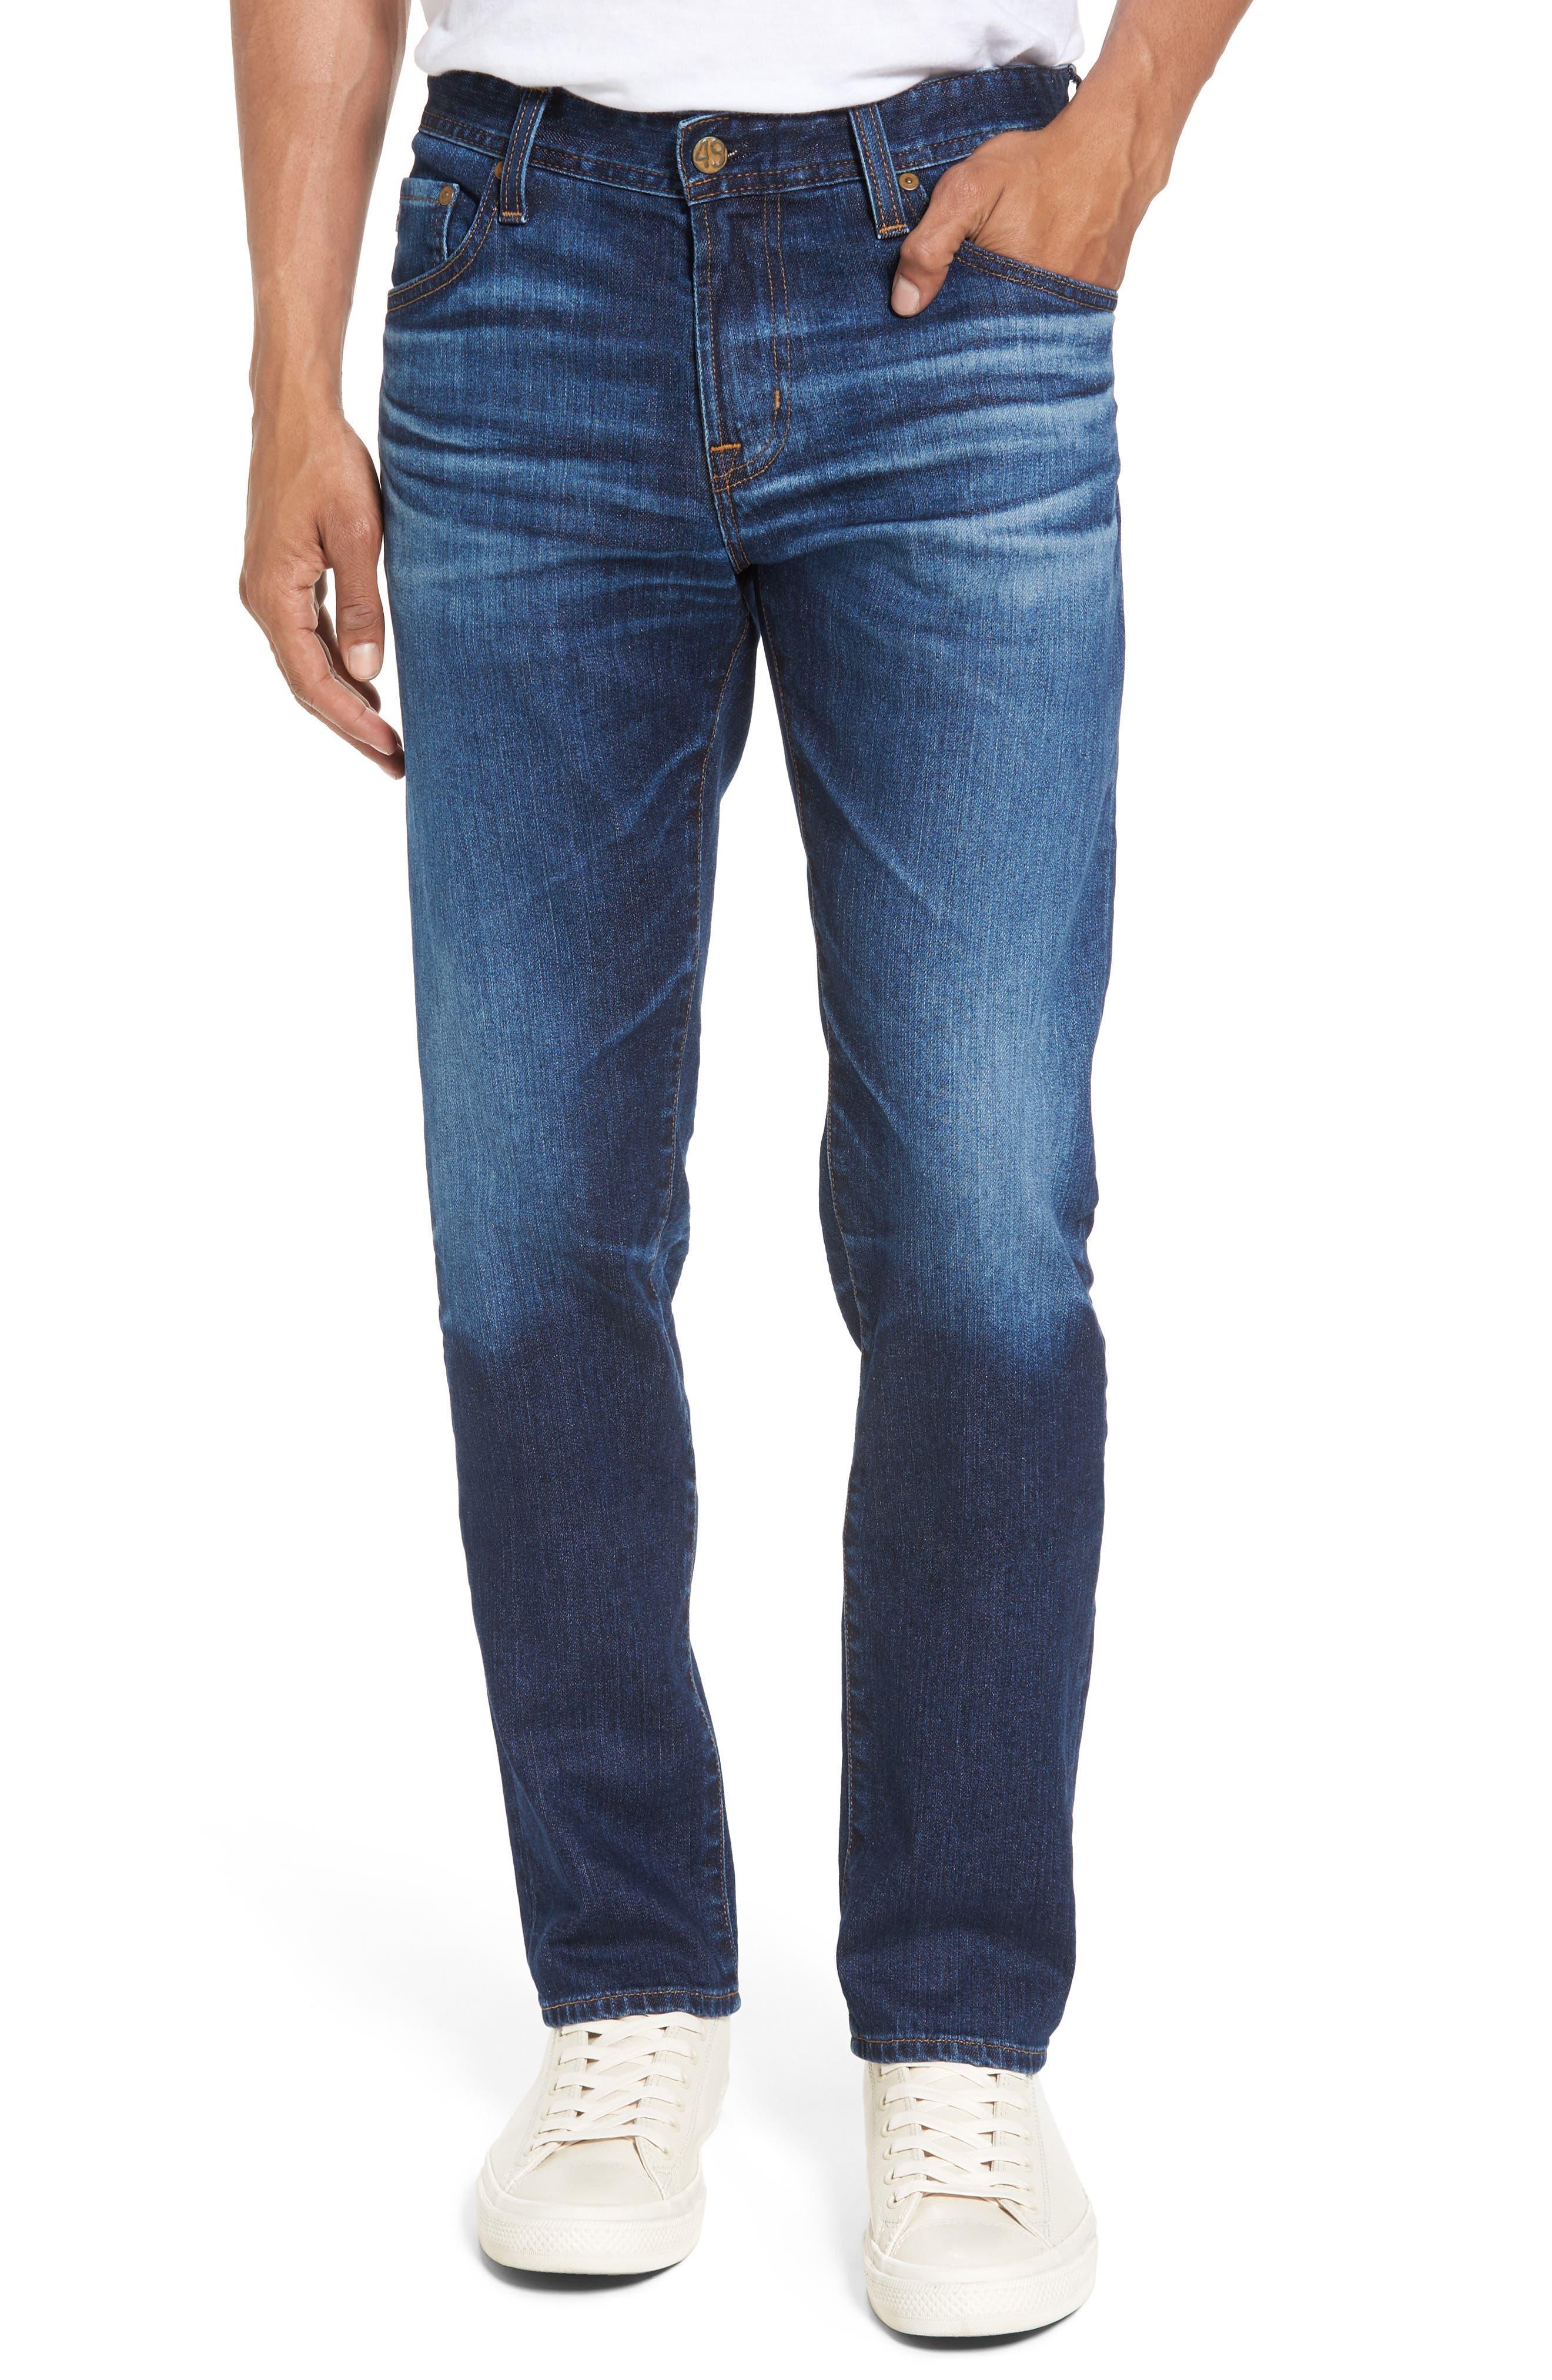 Tellis Slim Fit Jeans,                             Main thumbnail 1, color,                             451